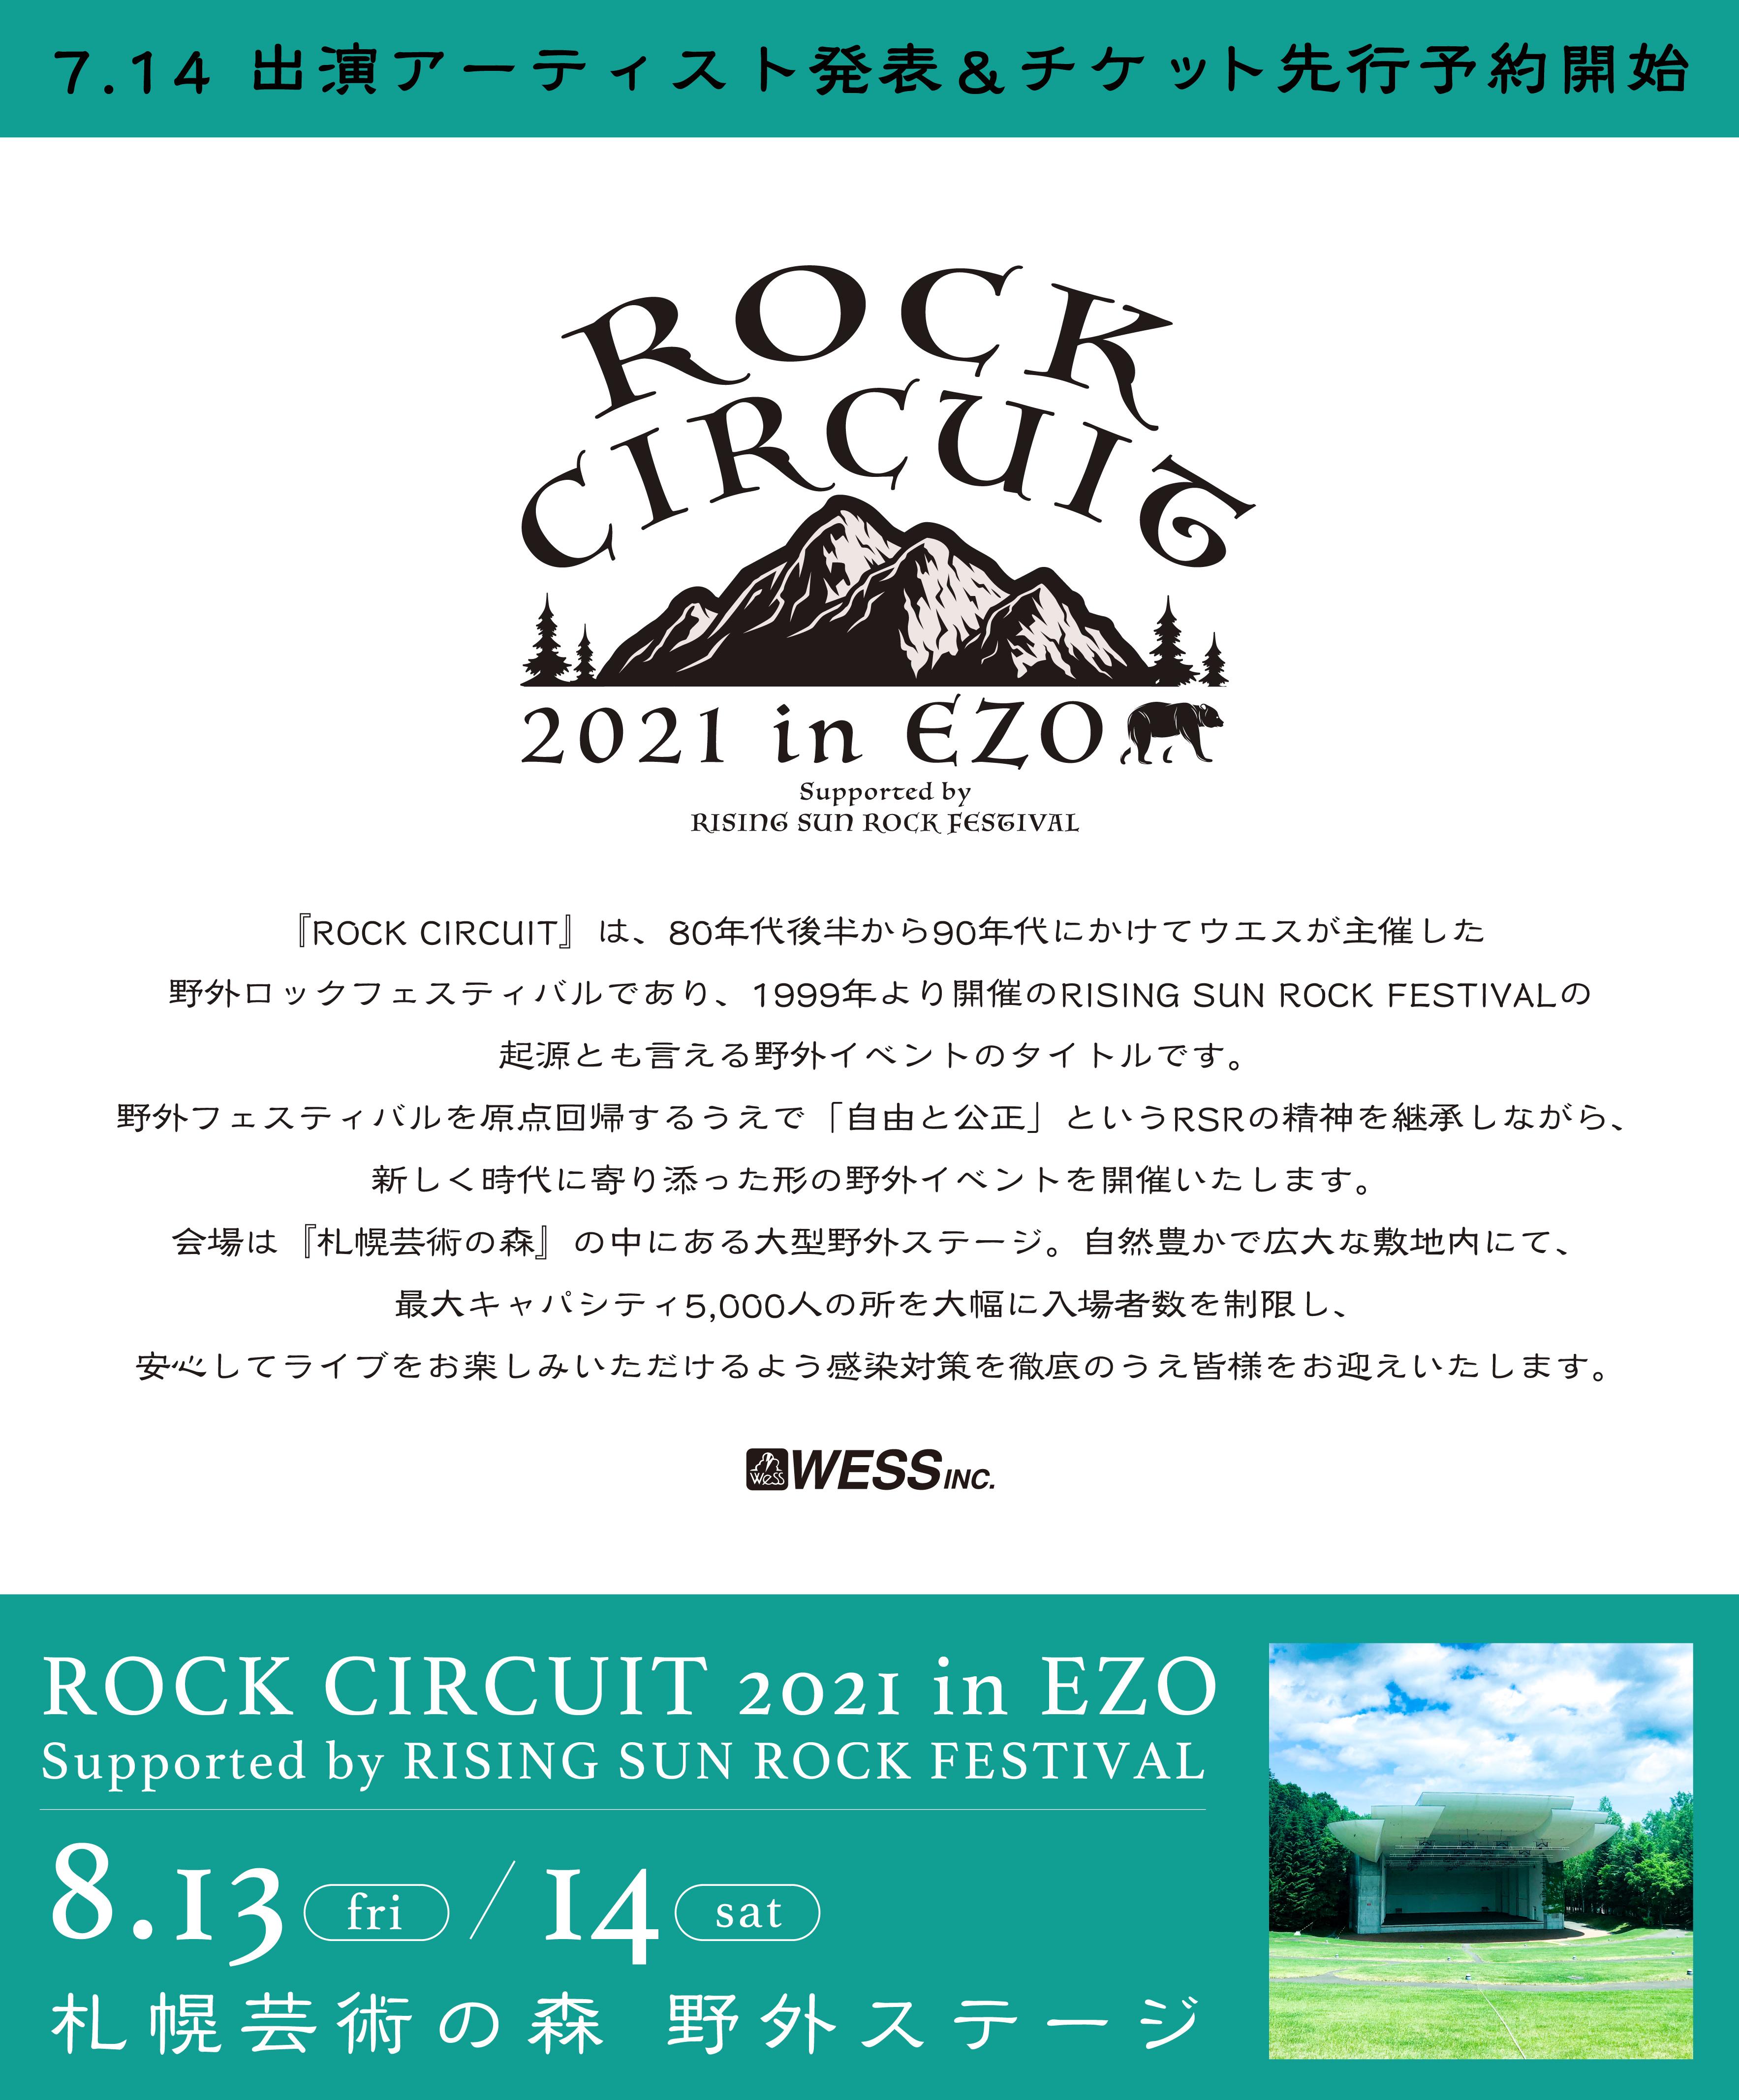 『ROCK CIRCUIT 2021 in EZO』